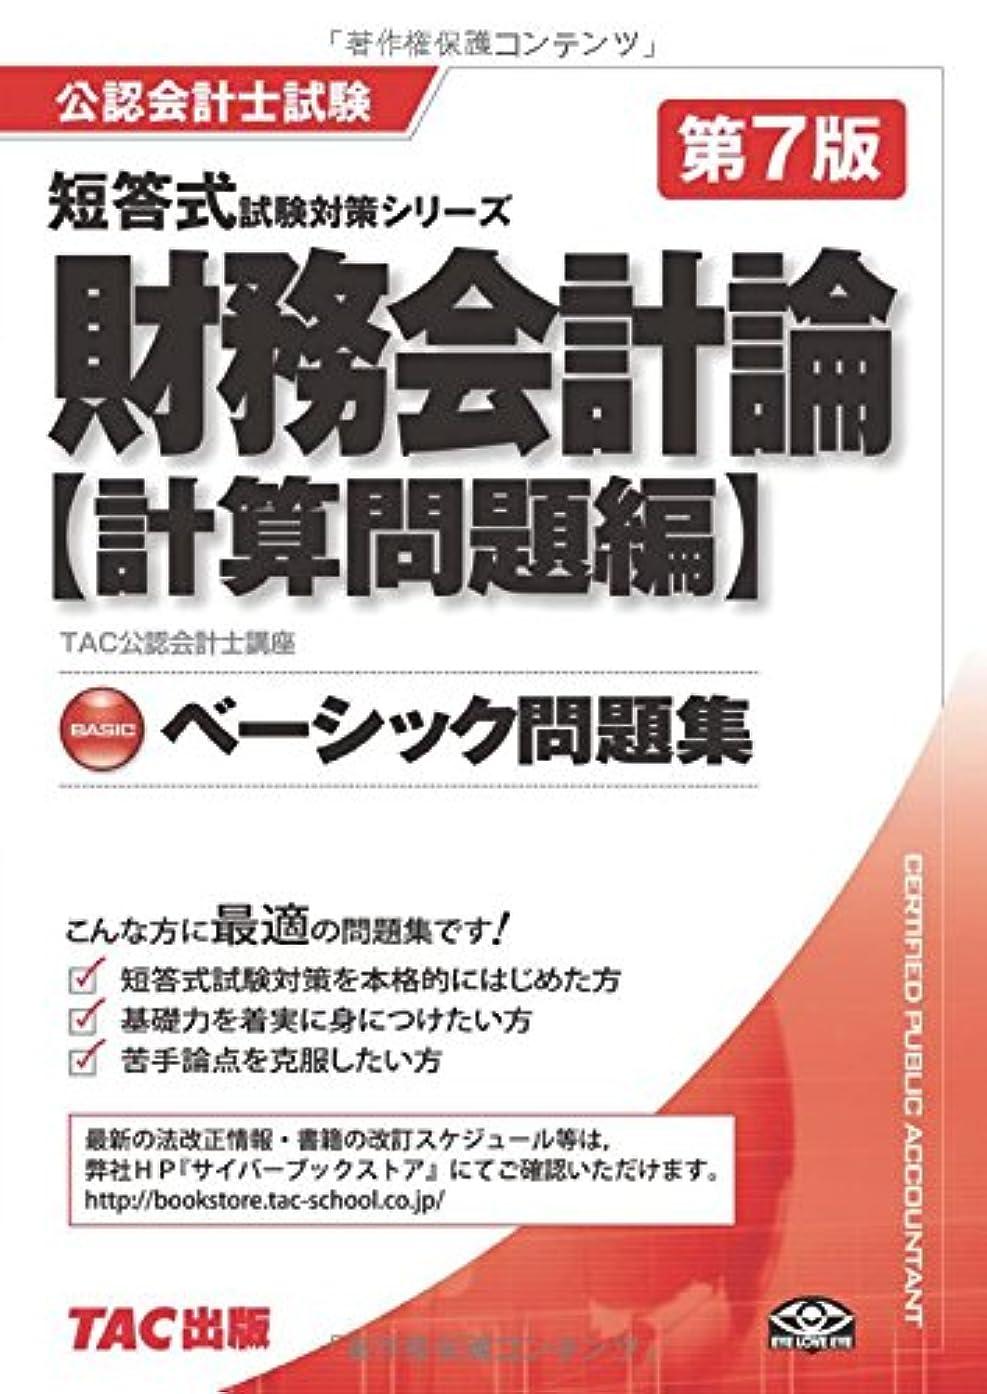 刺繍ネット援助ベーシック問題集 財務会計論 計算問題編 第7版 (公認会計士 短答式試験対策シリーズ)